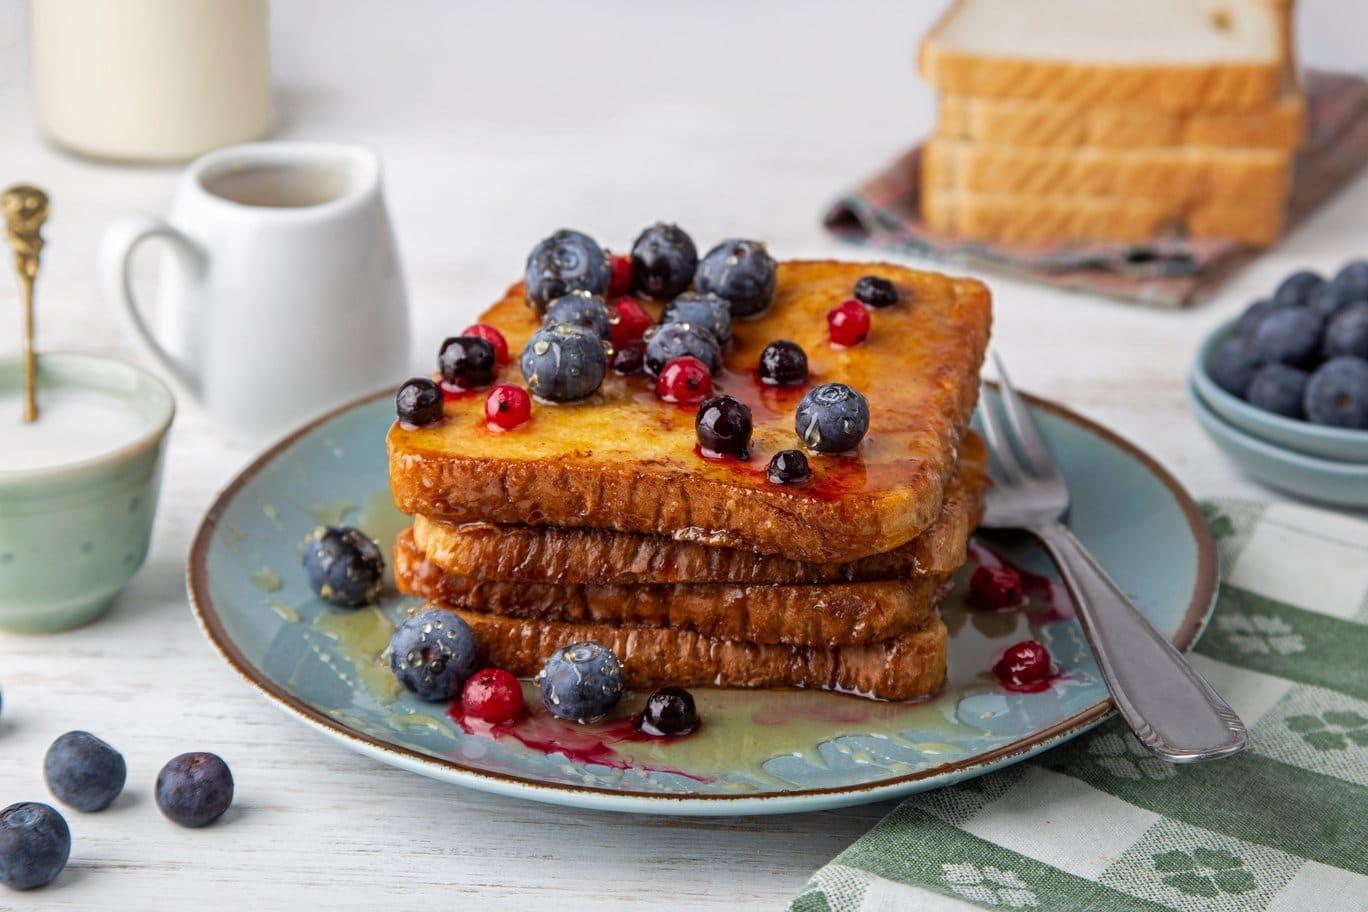 Recipe for Πρωινό για όλη την οικογένεια!